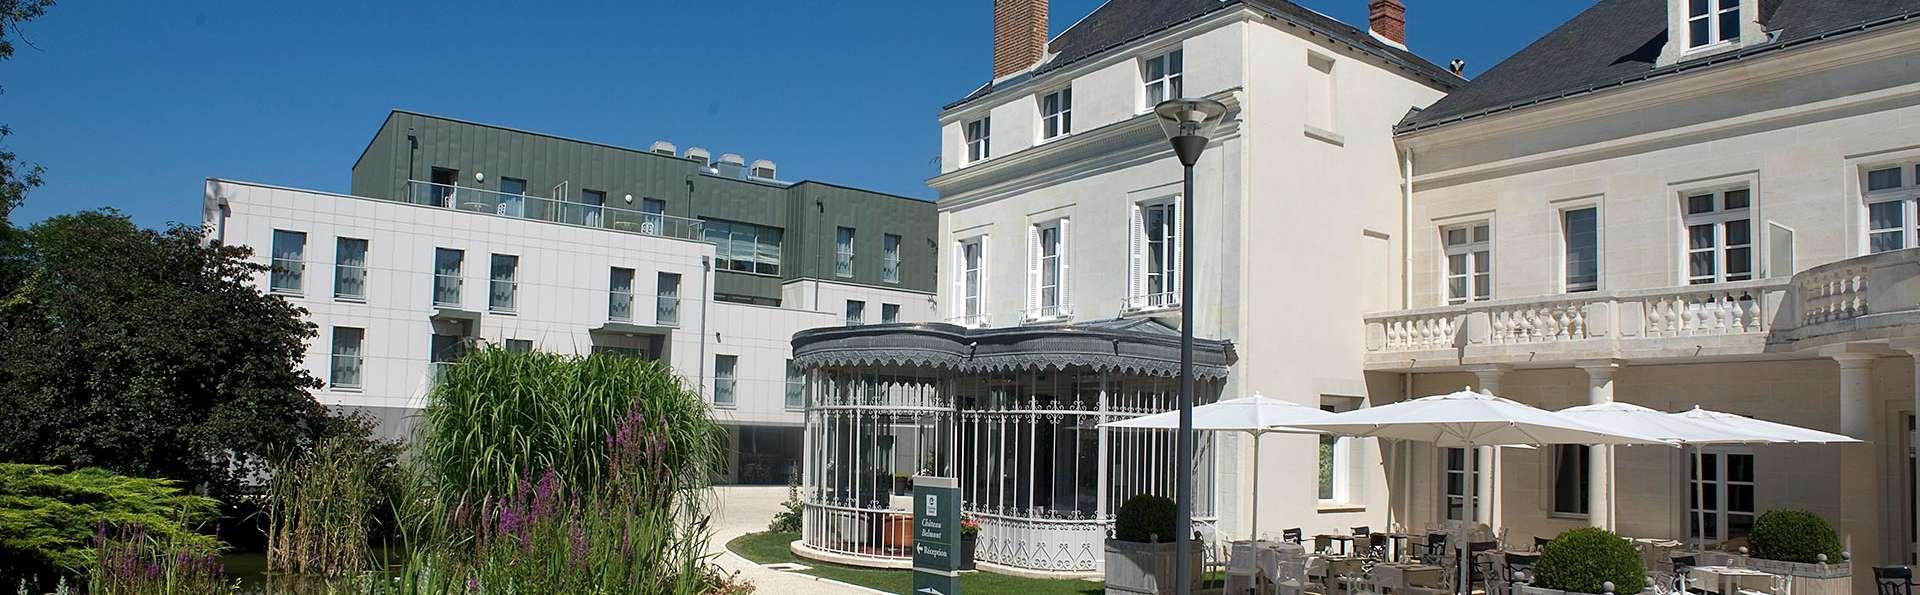 Clarion Hotel Château Belmont - edit_frontXX.jpg